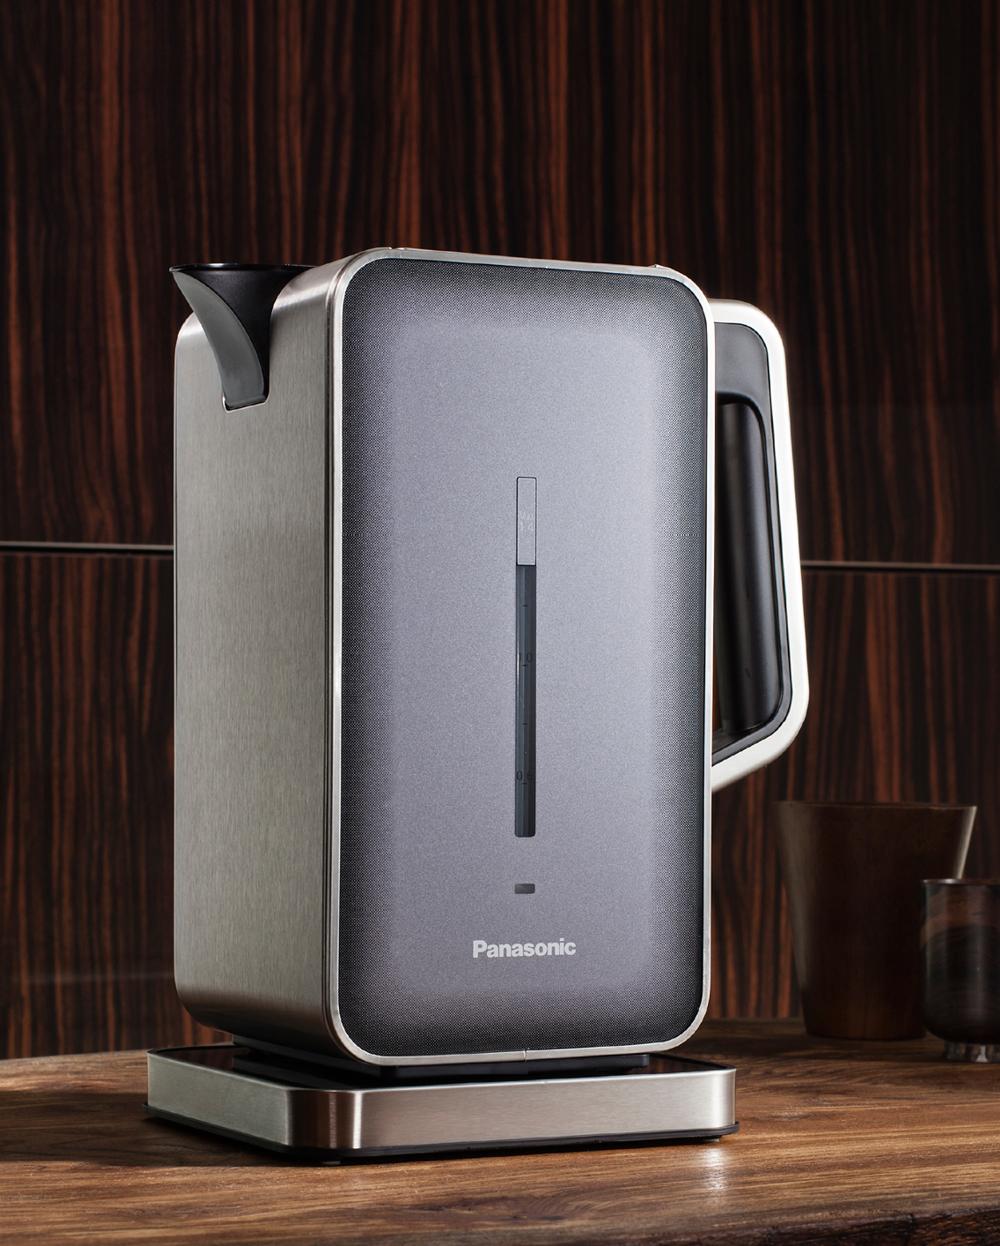 Panasonic Kitchen Appliance Photography